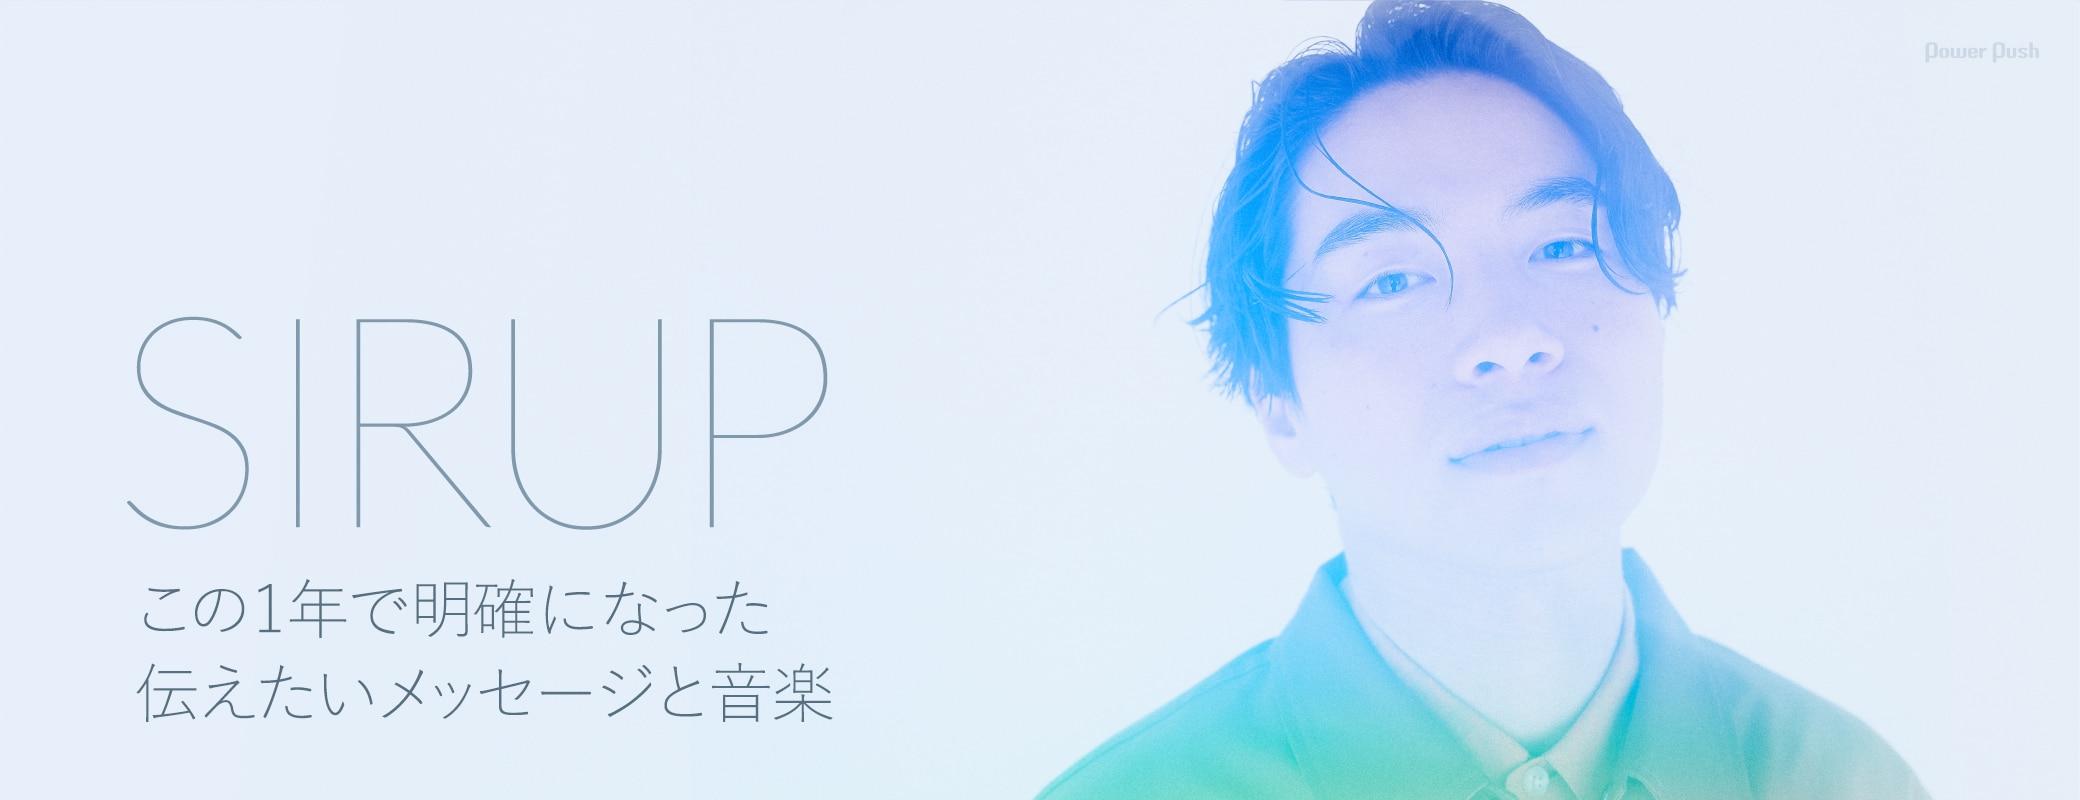 SIRUP|この1年で明確になった伝えたいメッセージと音楽